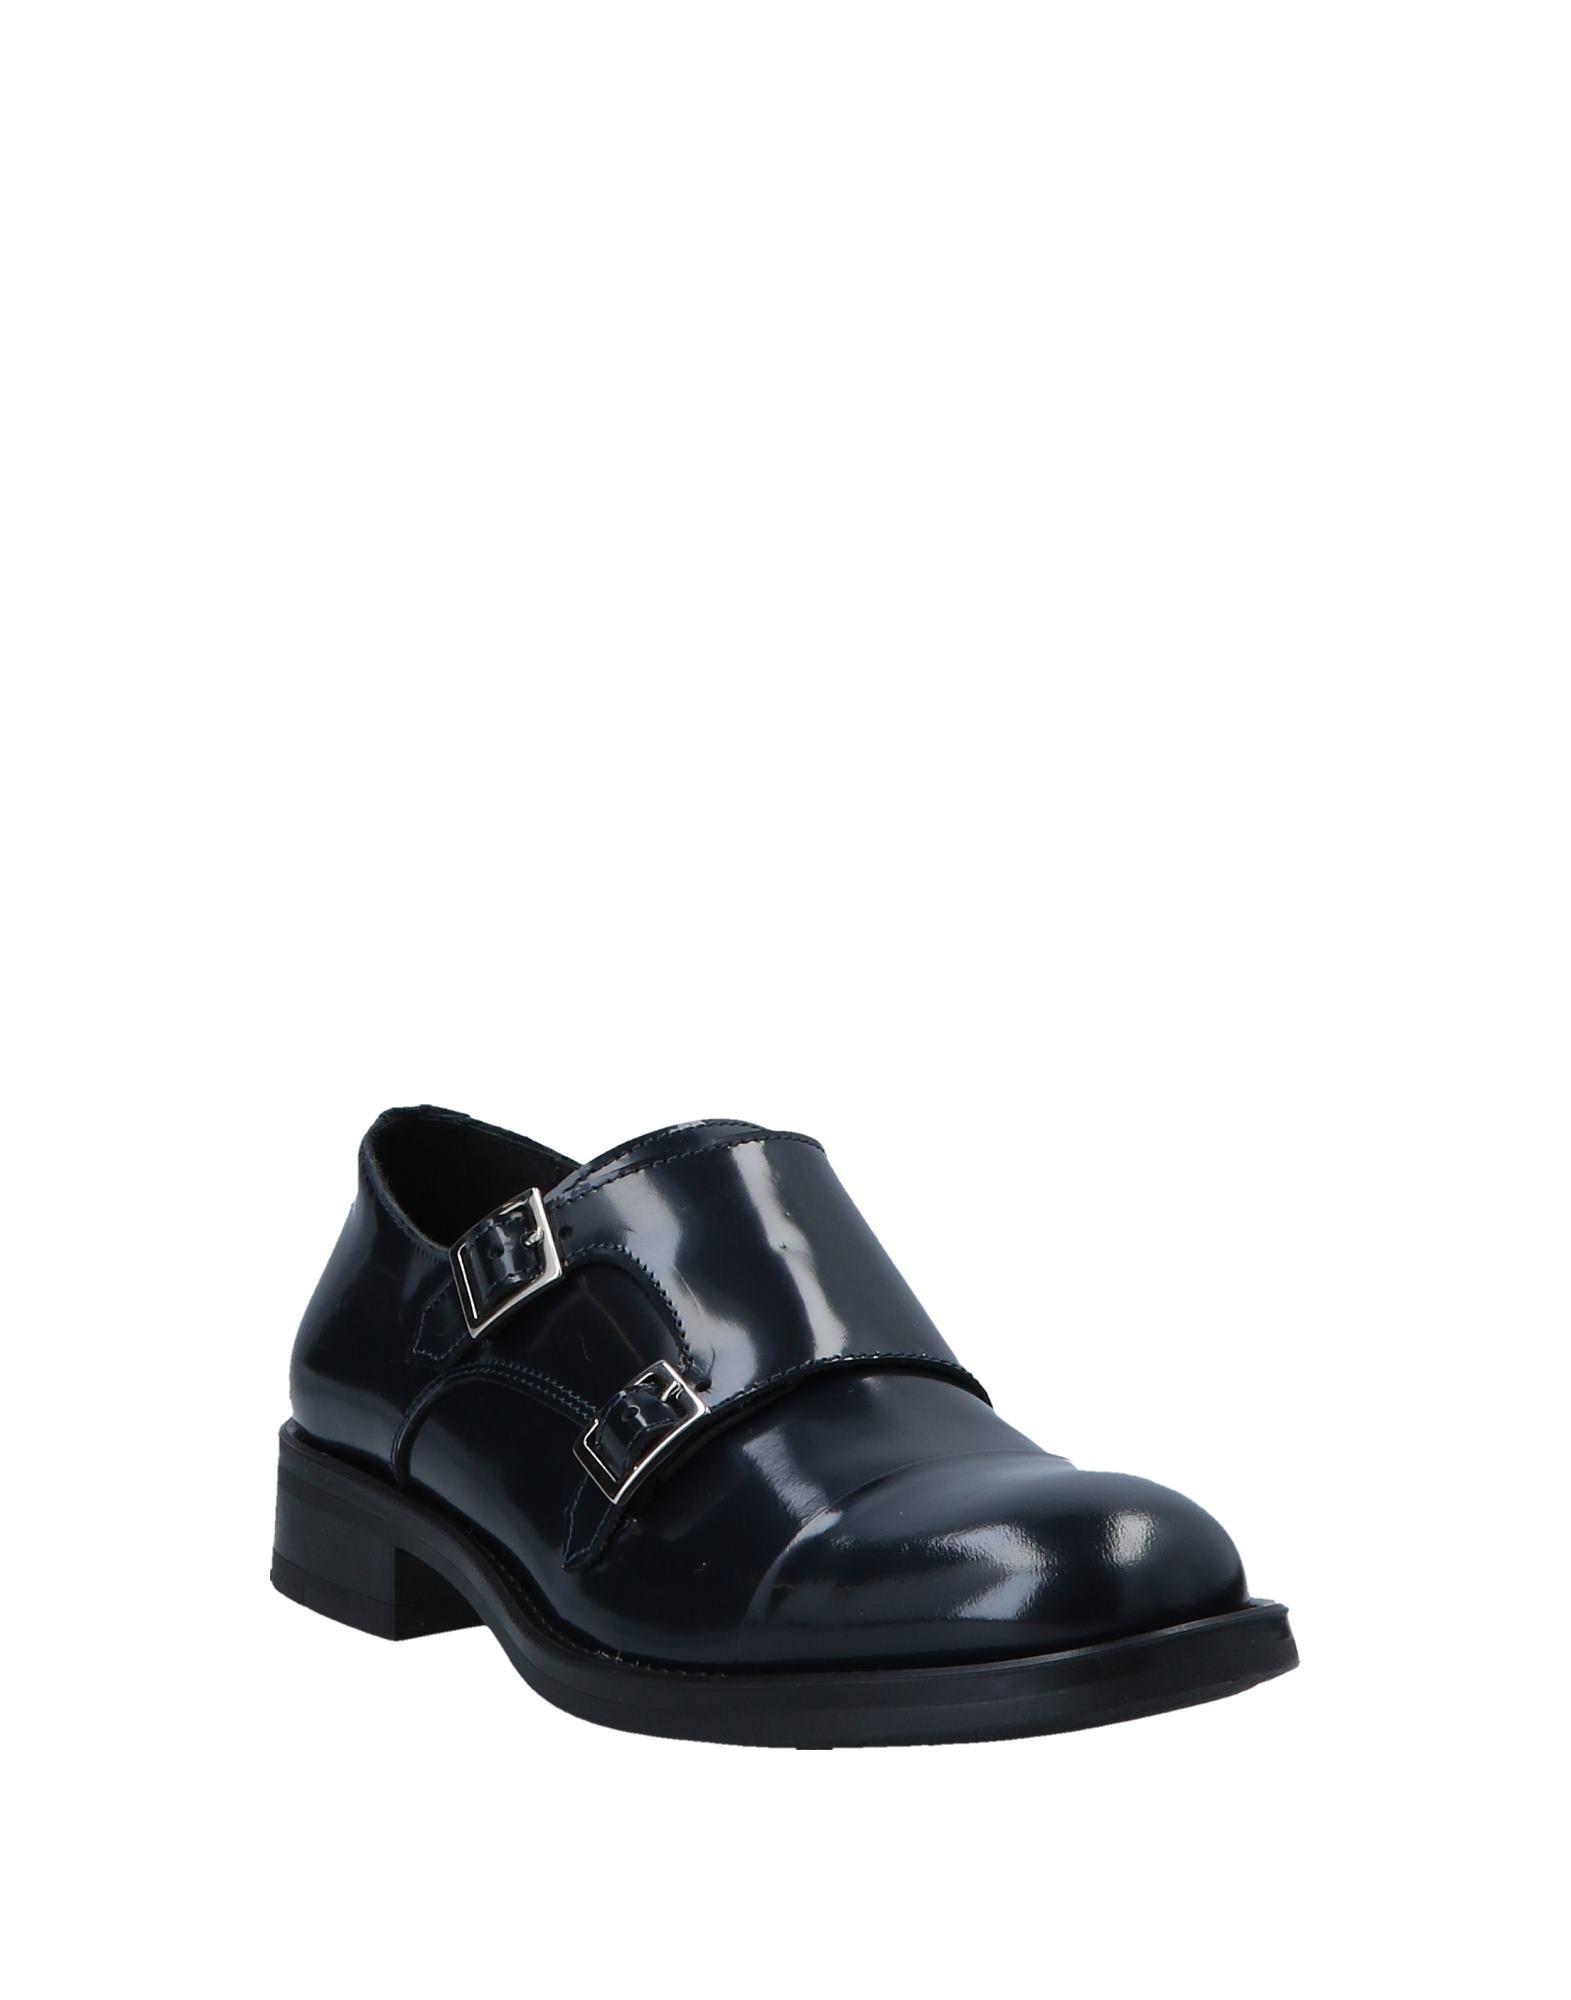 Gianfranco Lattanzi Mokassins Damen  11547234FIGut aussehende aussehende aussehende strapazierfähige Schuhe c4c252